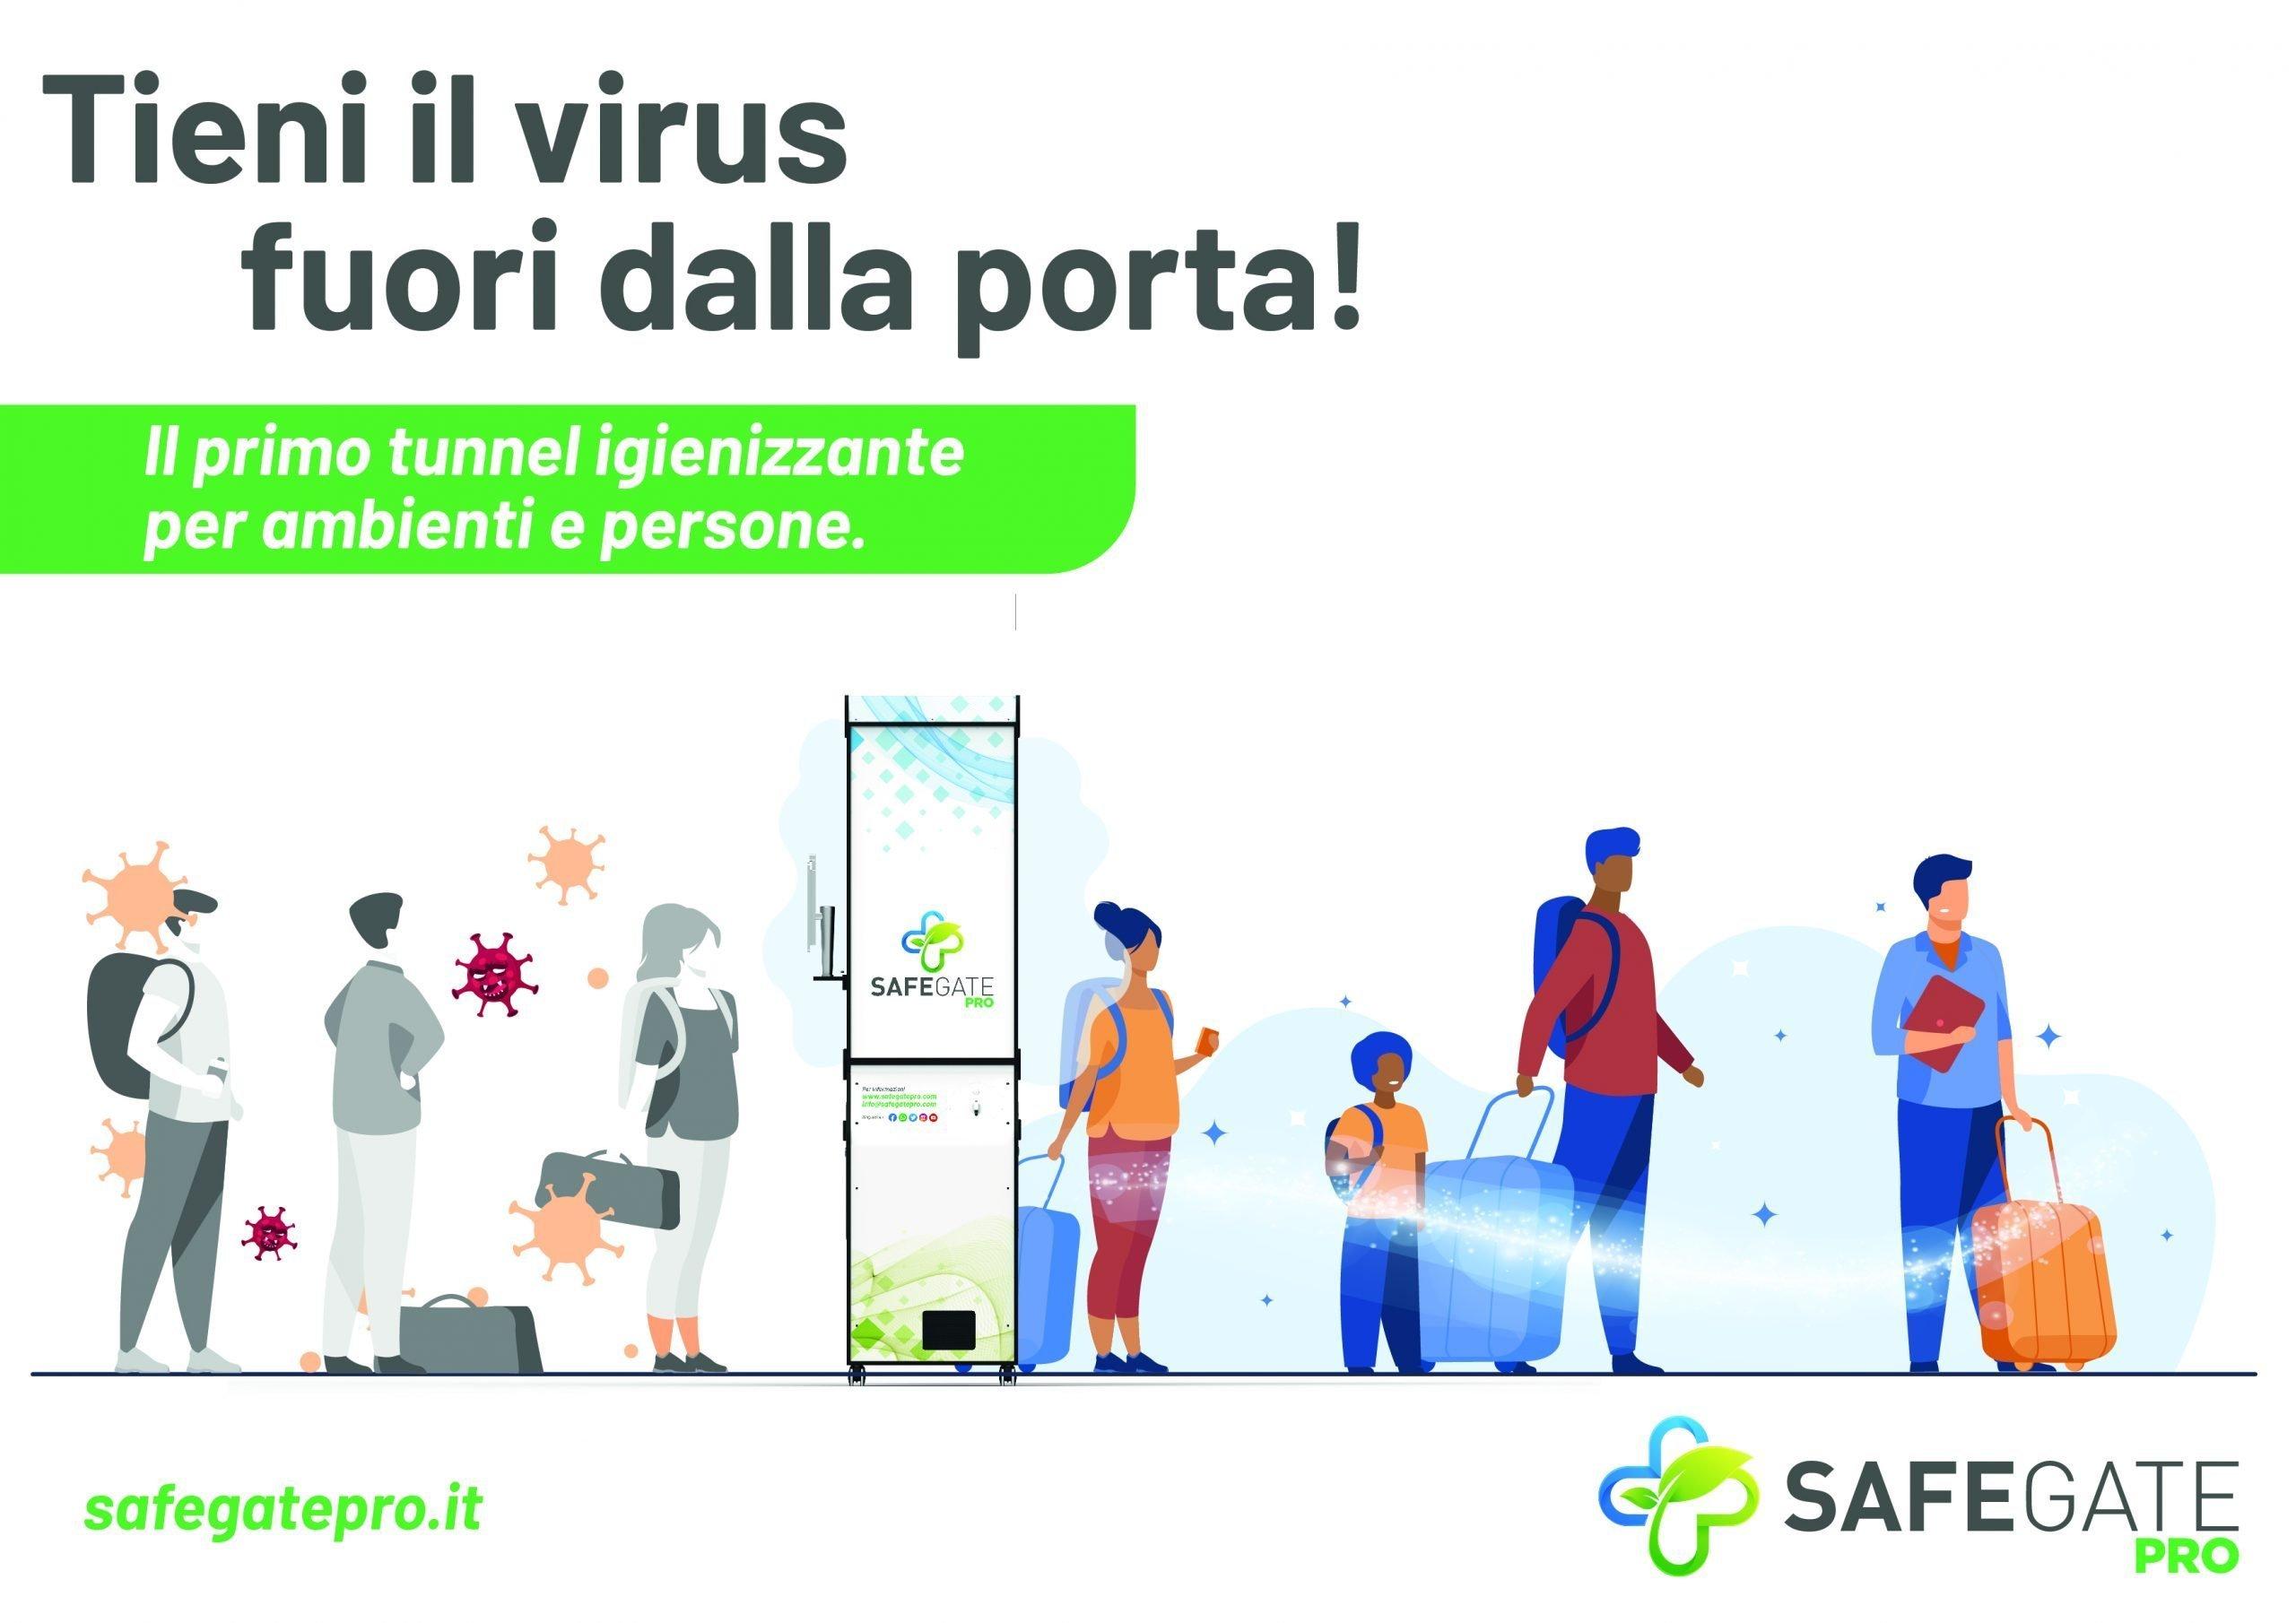 igienizzante e controllo accessi safegate pro